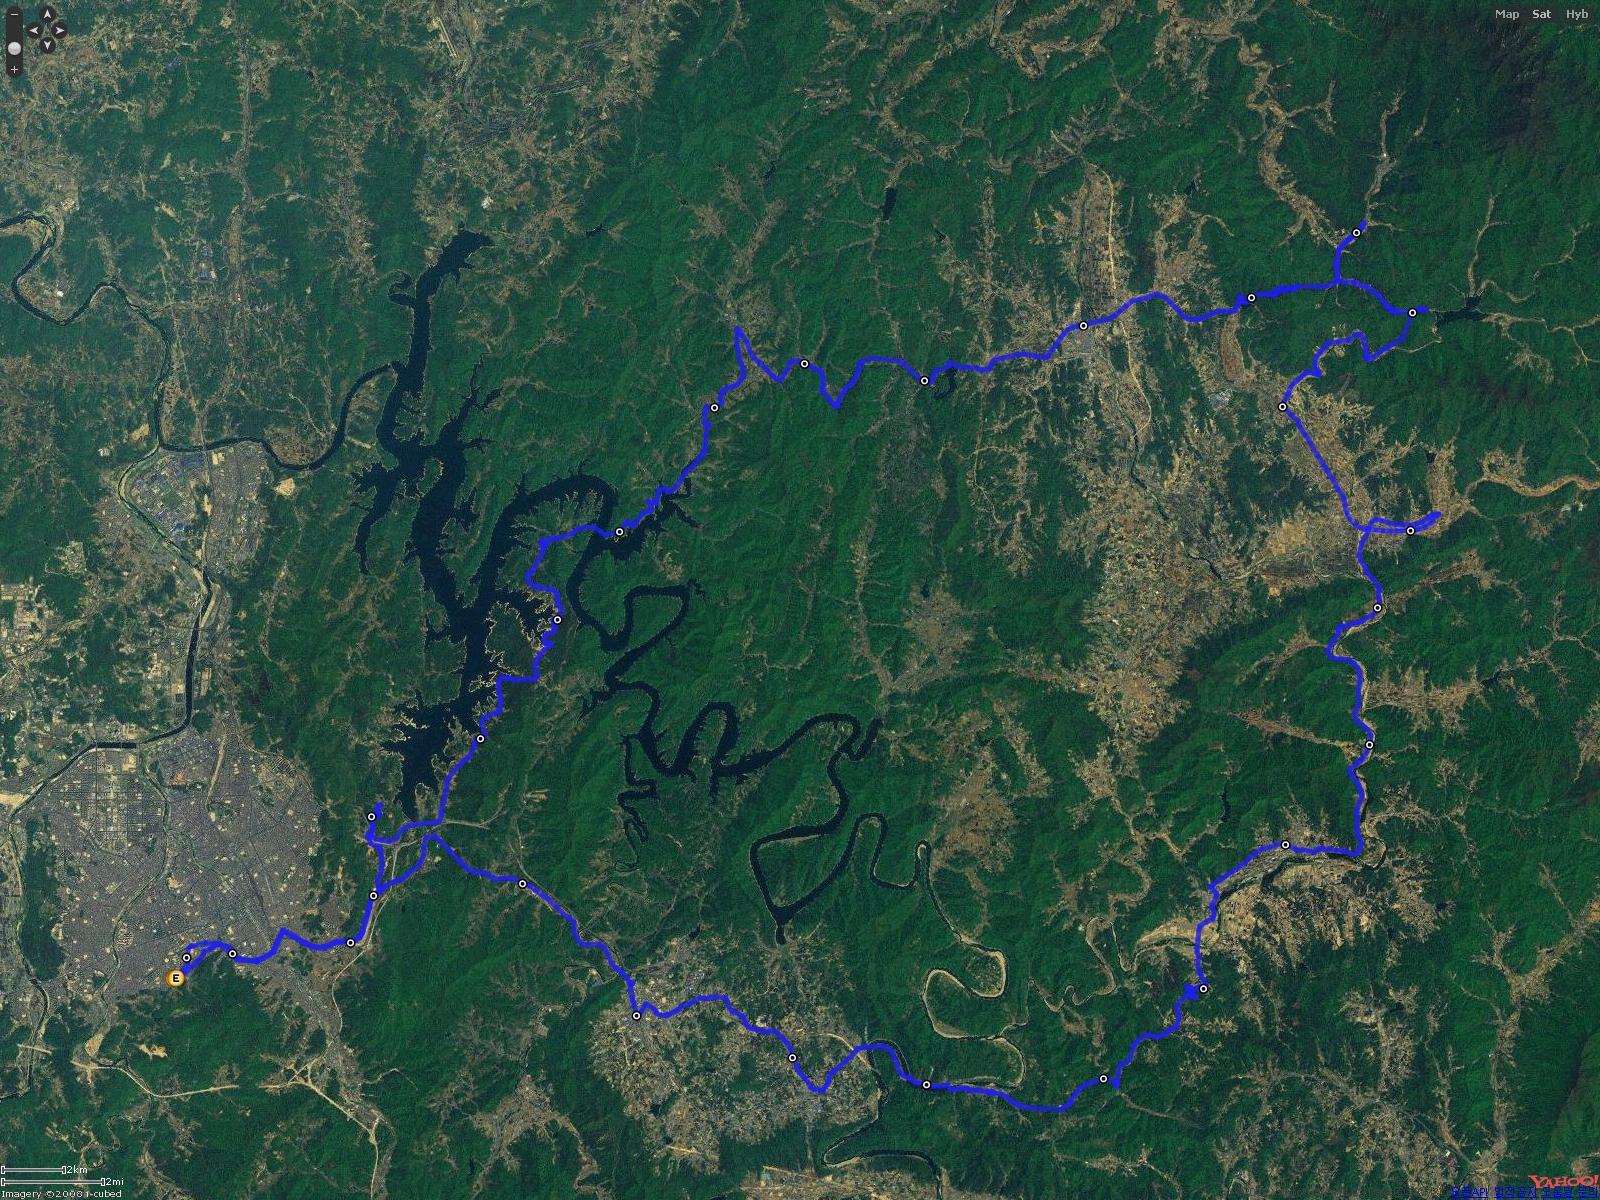 네이버 위성/항공 지도 모드